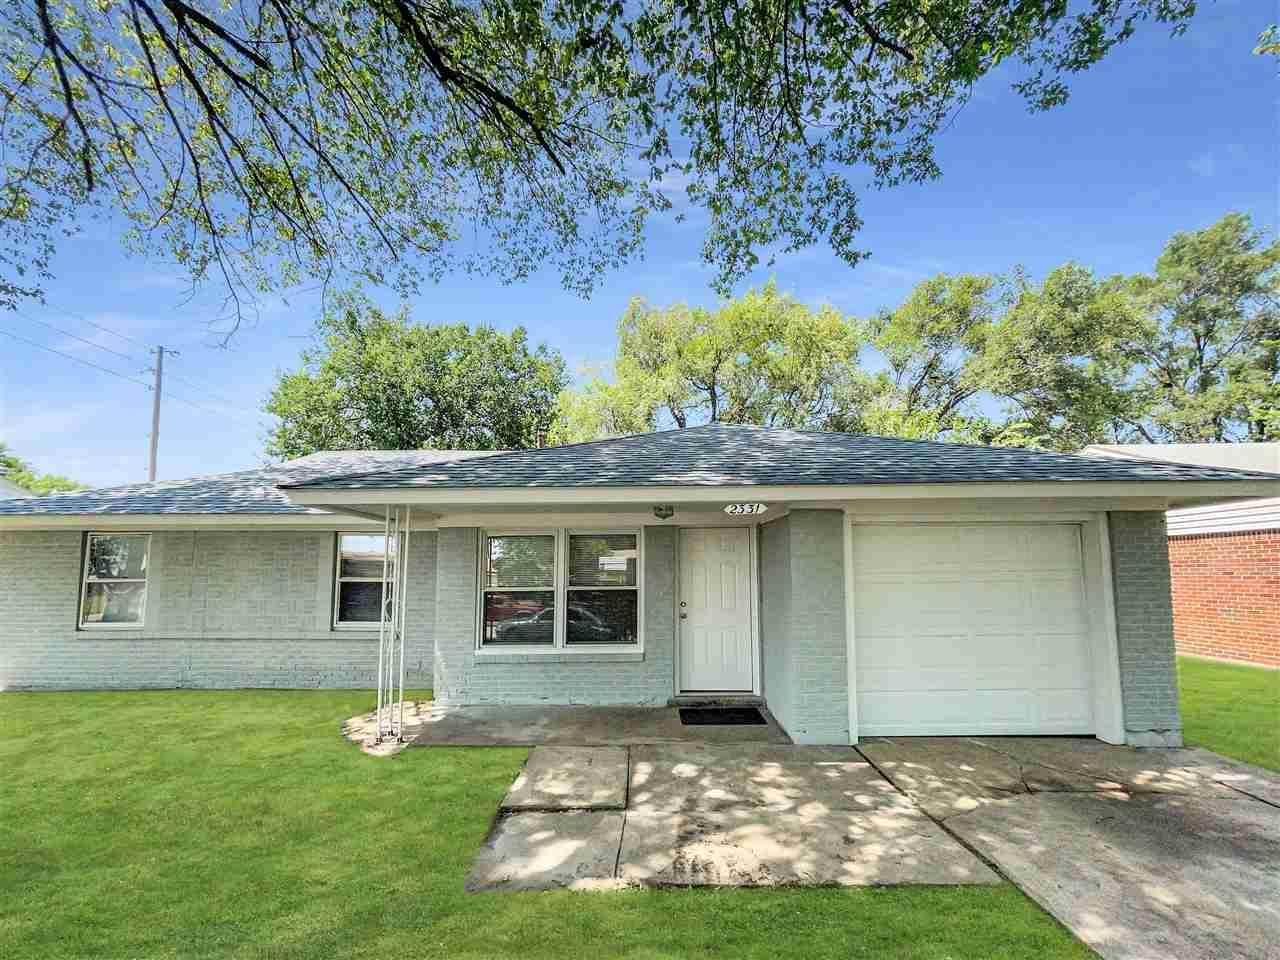 2331 S Hiram St, Wichita, KS 67213